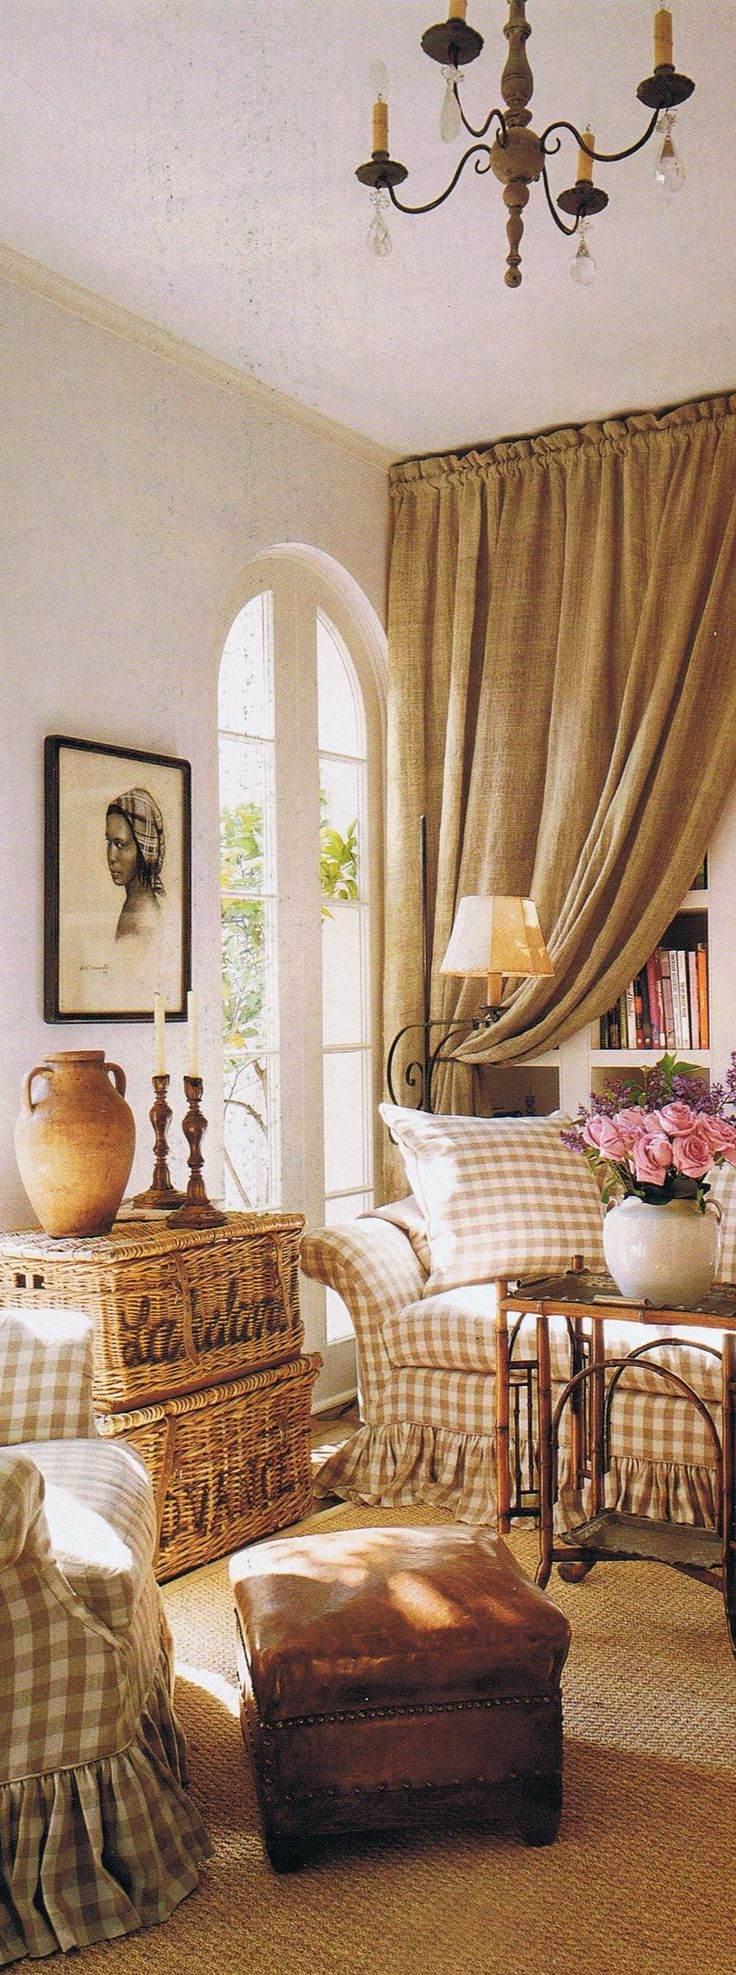 Le più belle foto con tessuti a quadretti in stile country e ...